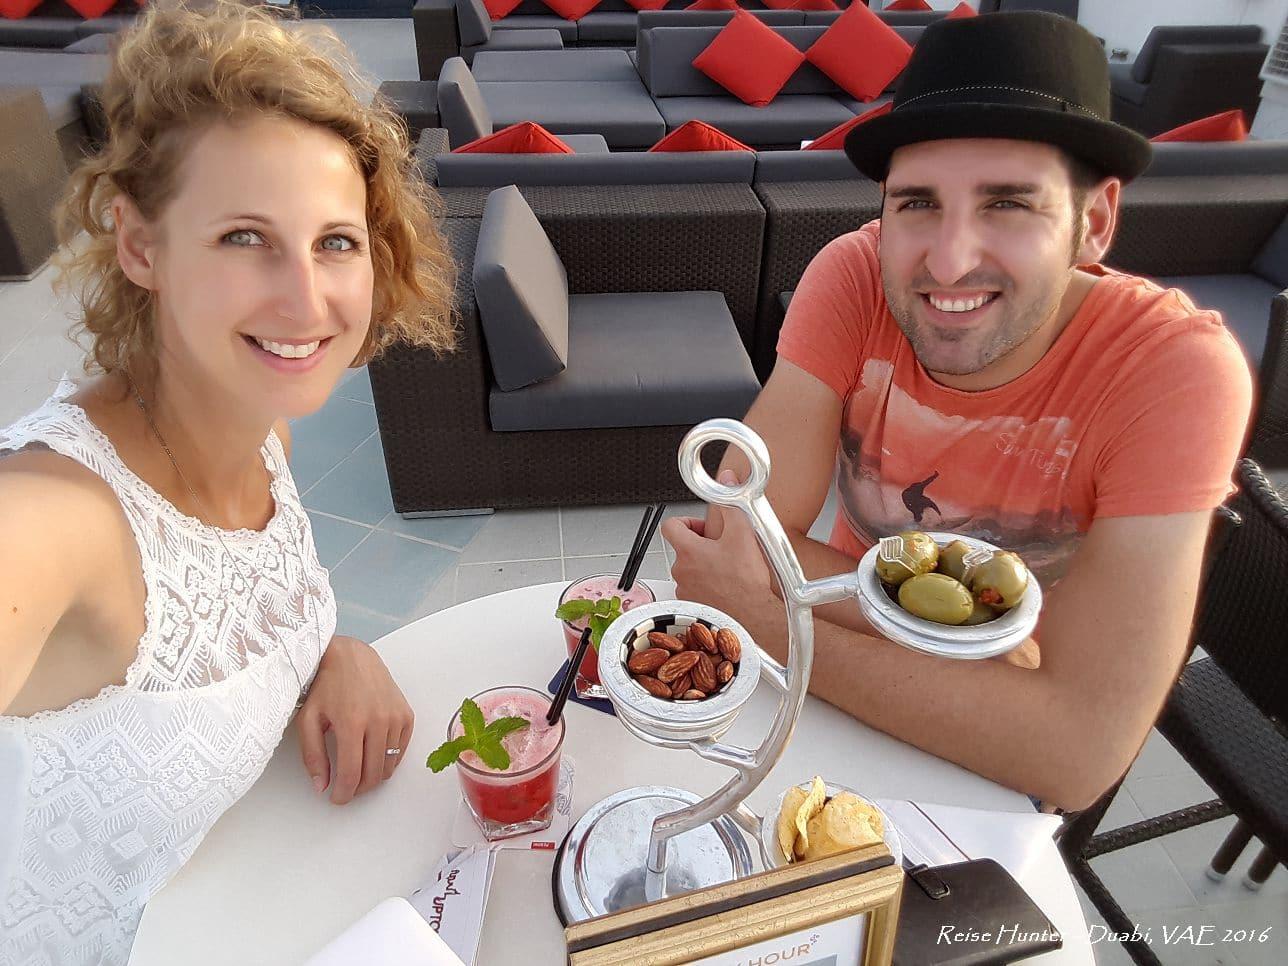 Sabbatical: Reise Hunter Dubai 2016, erschienen auf PASSENGER X